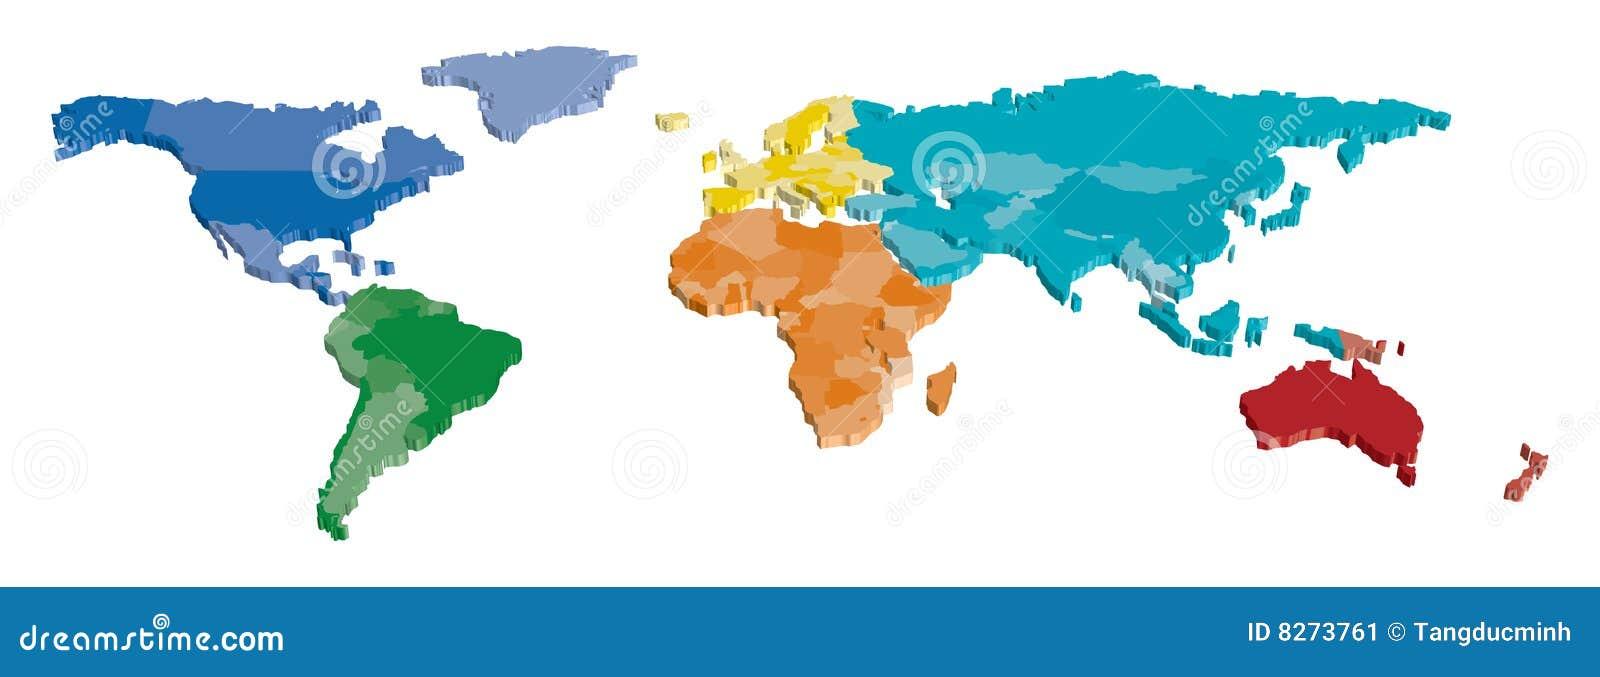 Monde de carte de pays de couleur image stock image 8273761 - Carte du monde en couleur ...